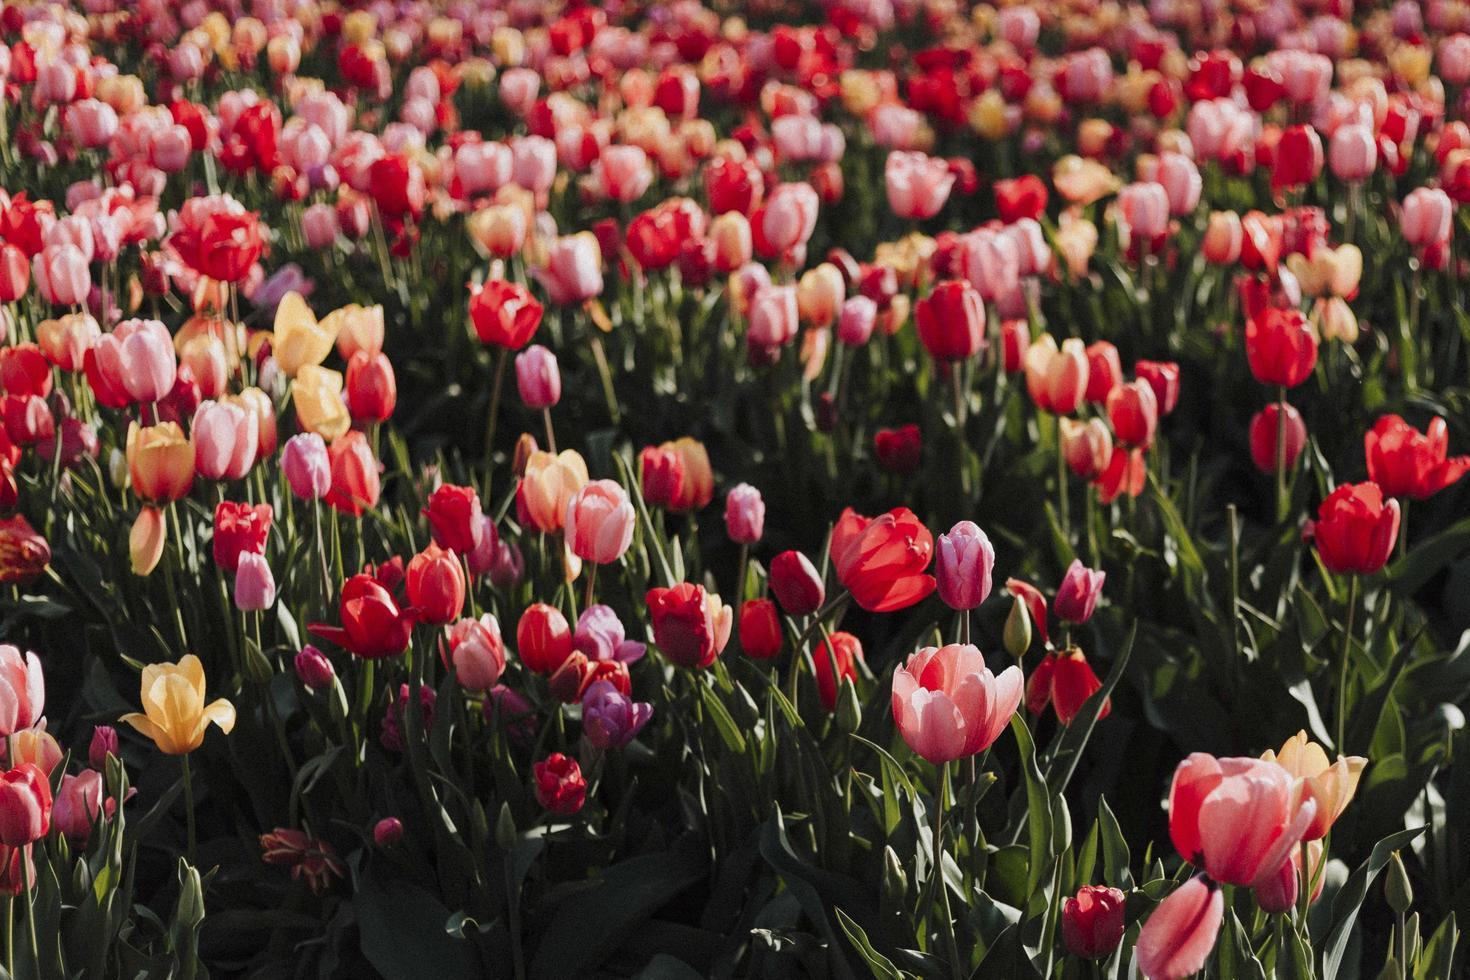 campo de tulipas vermelhas ao sol foto